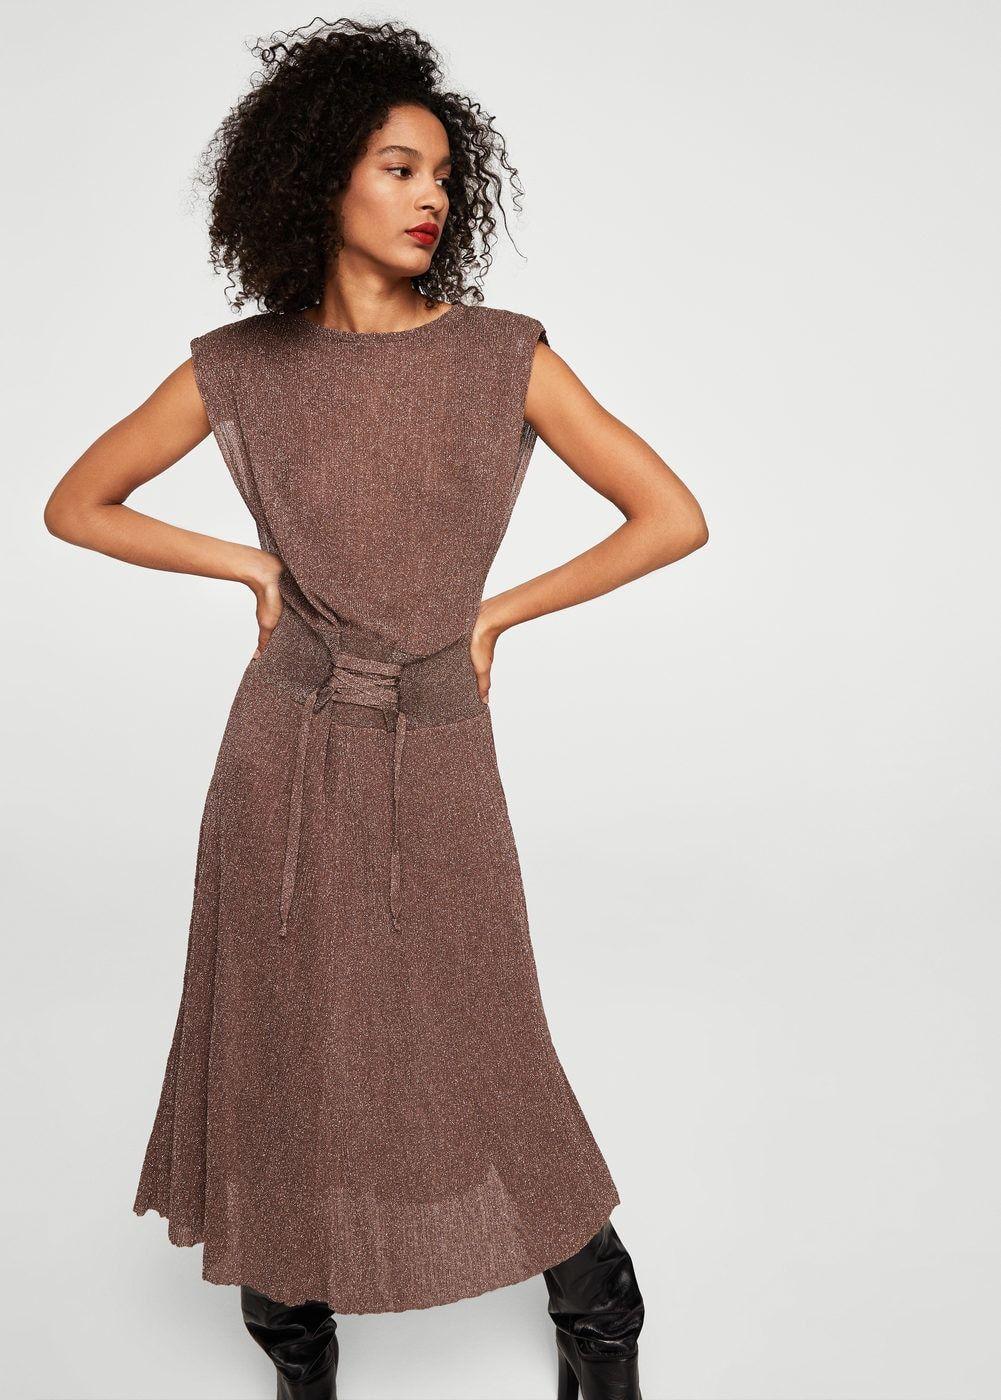 Vestido corsé metalizado Mujer | ♥ I ♥ I ♥ I ♥ I ♥ I